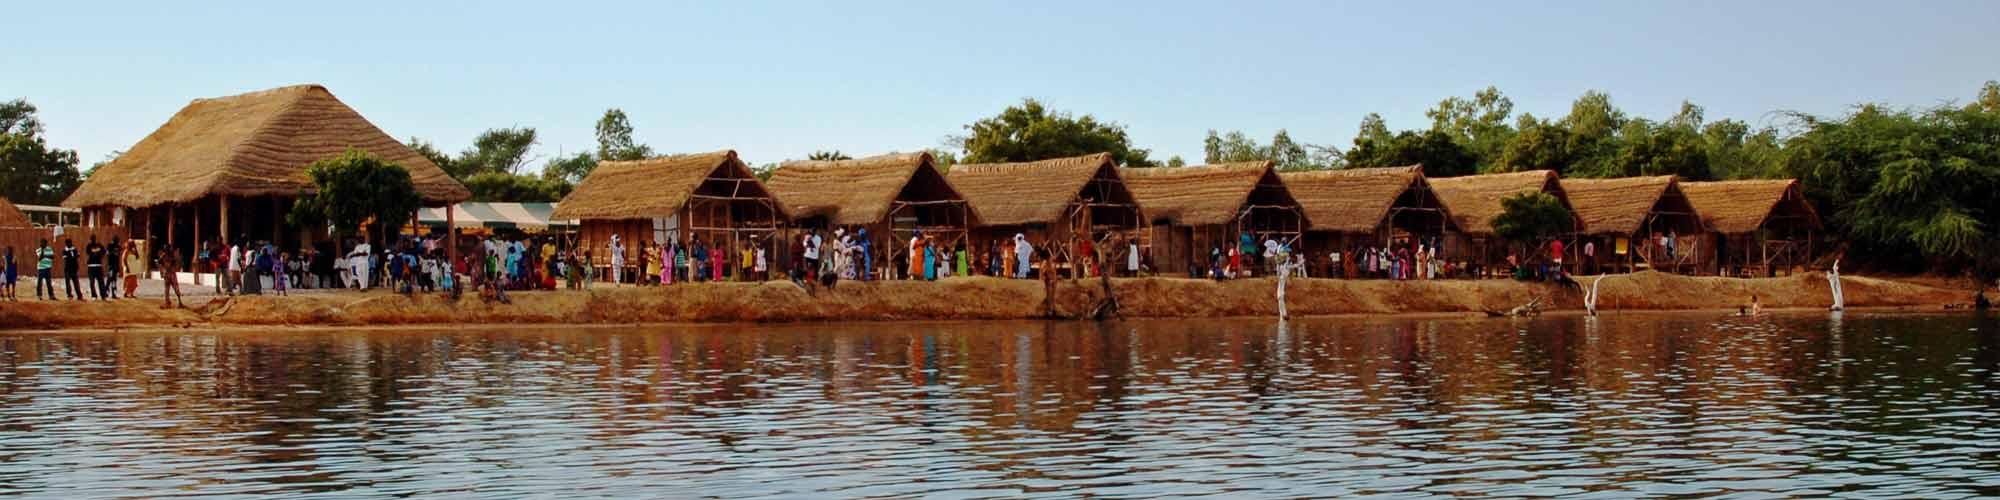 Senegal Solidario - EL PAÍS Viajes